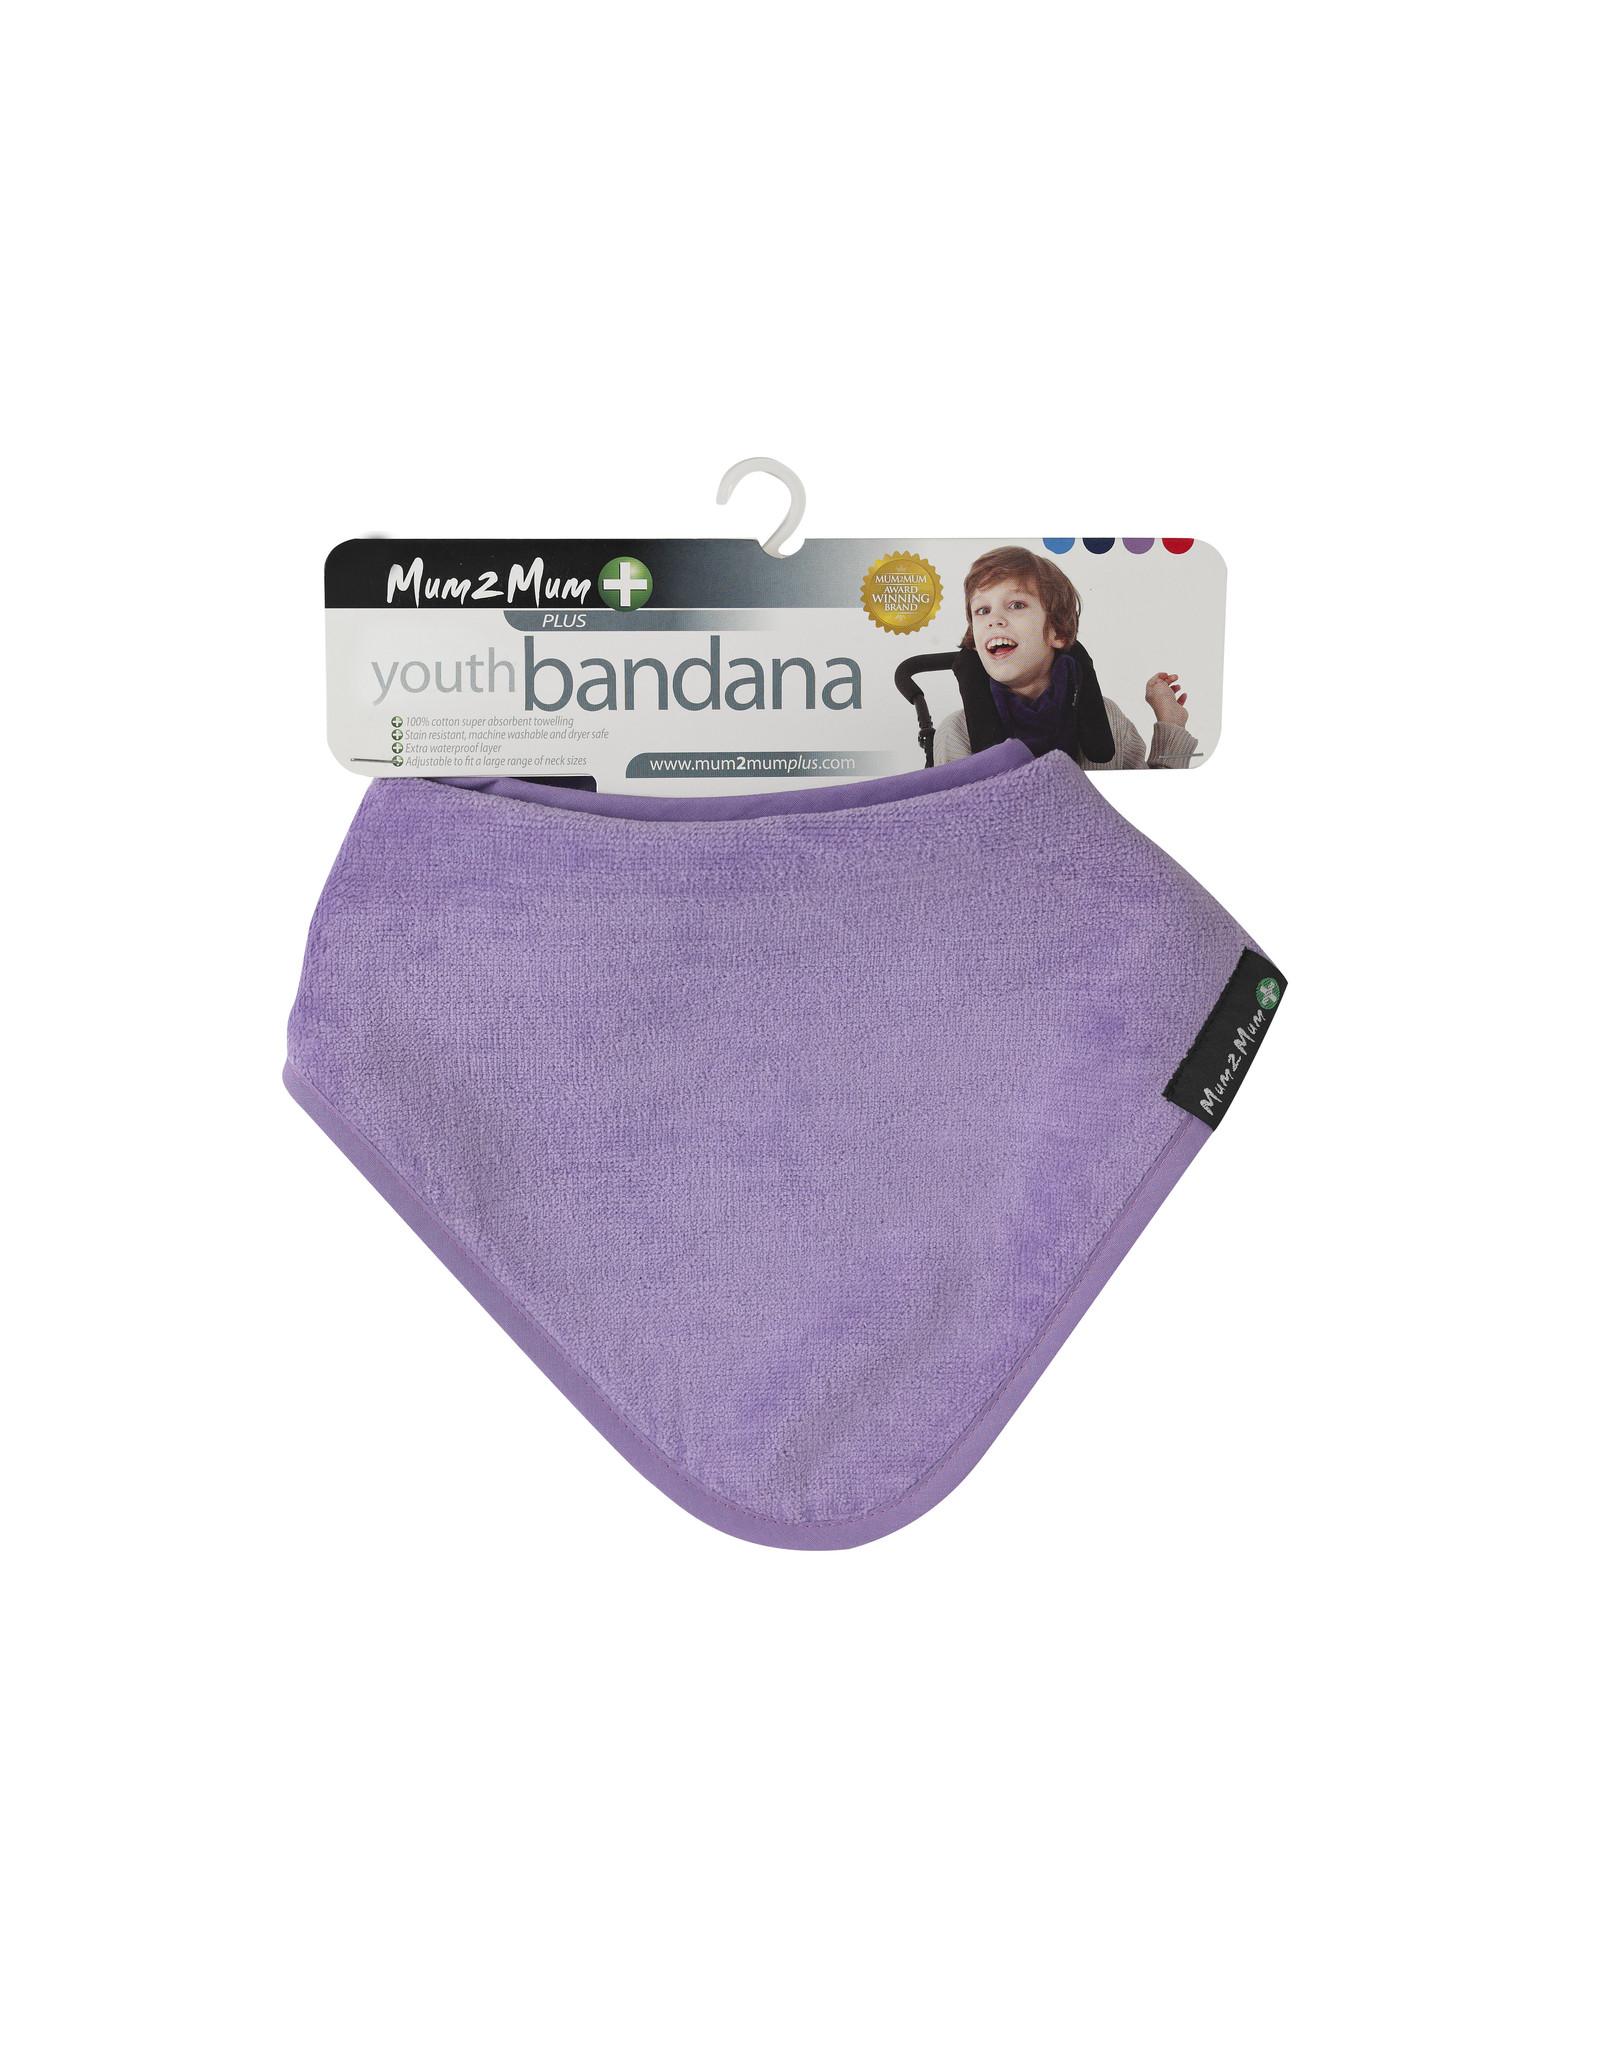 Mum2Mum Mum2Mum Plus Range Youth Bandana Bib Purple